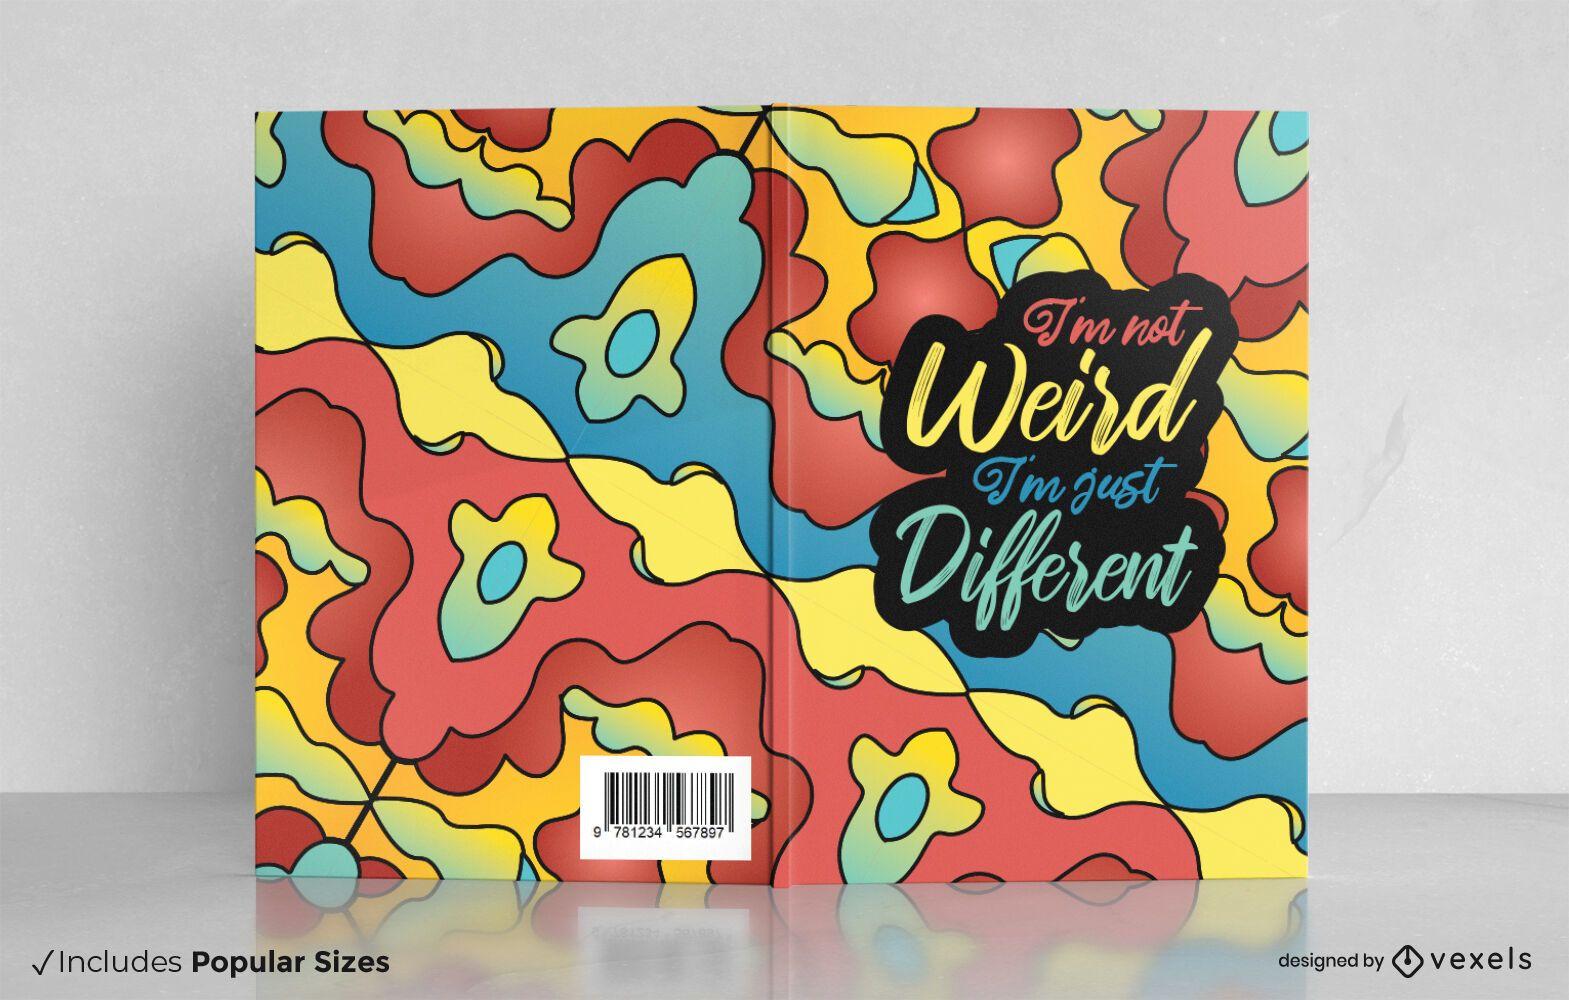 I'm not weird book cover design